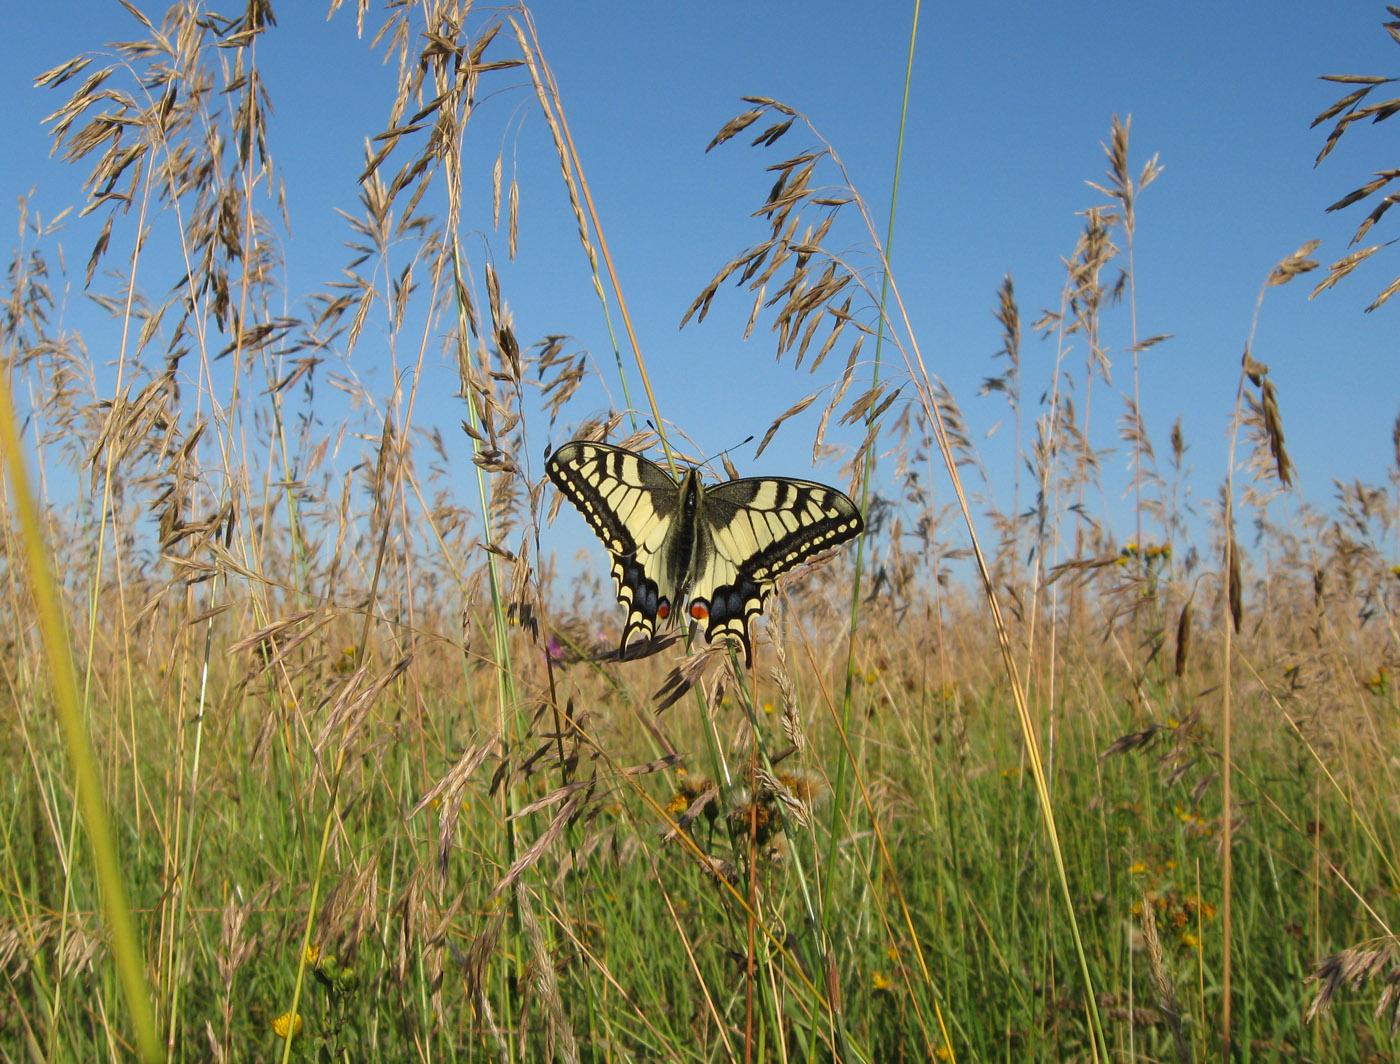 Махаон (Papilio machaon). Национальный парк «Нижняя Кама». Автор фото: Олег Селиверстов